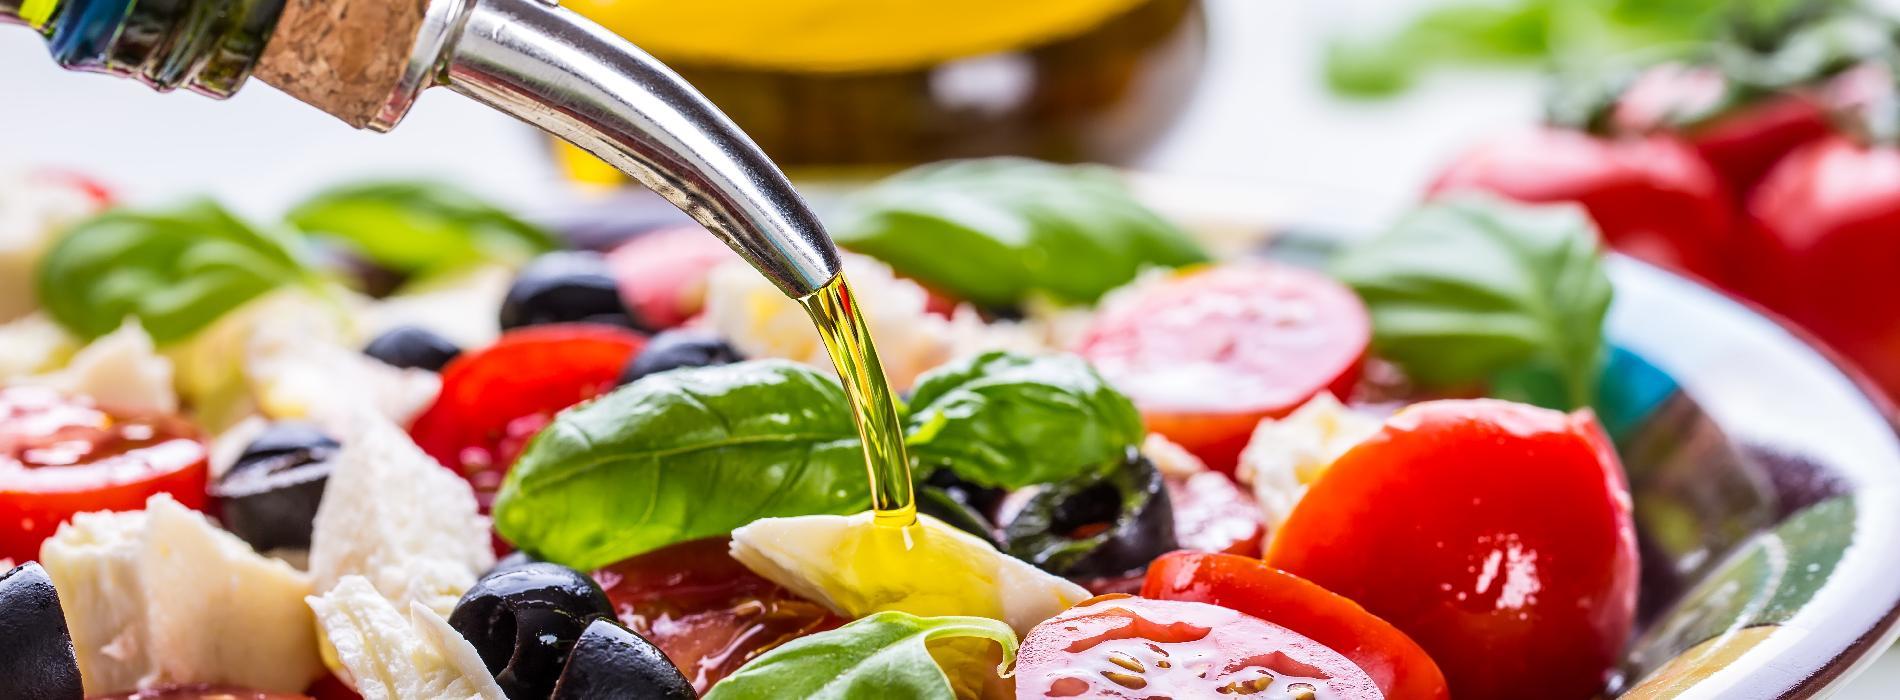 Kwasy tłuszczowe omega-3 i omega-6 - jakie proporcje są odpowiednie?